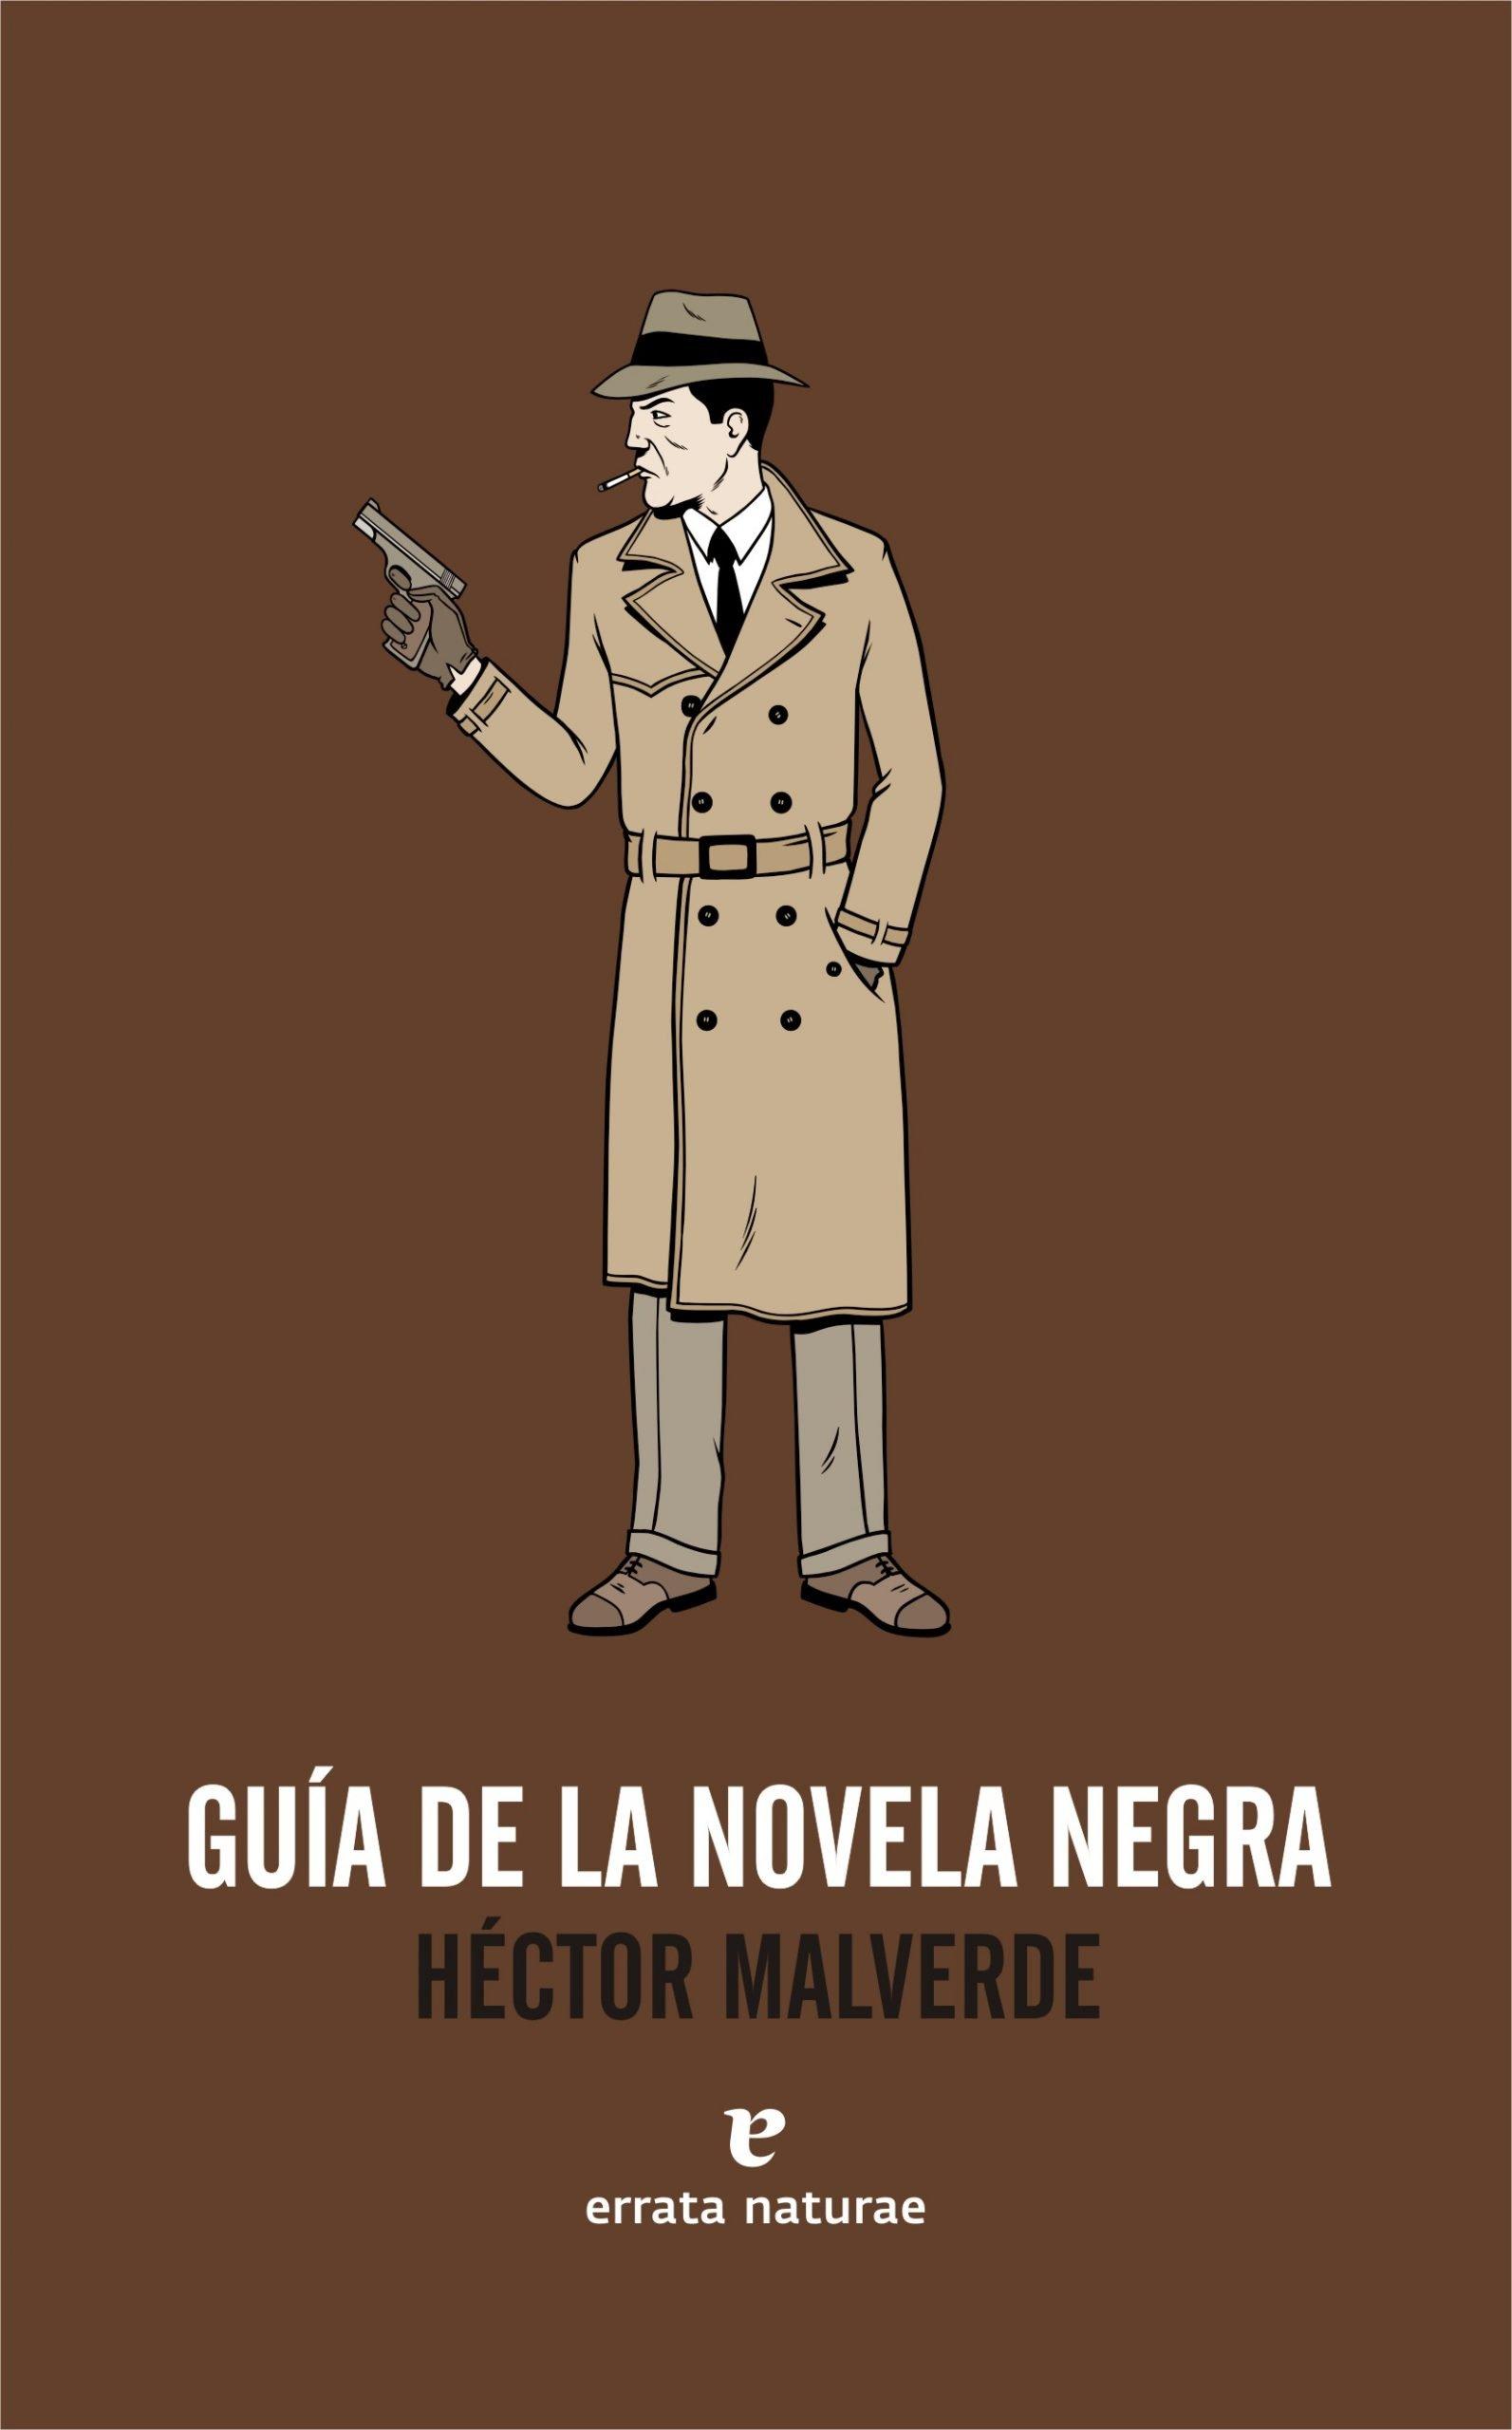 guia-de-la-novela-negra-PORTADA